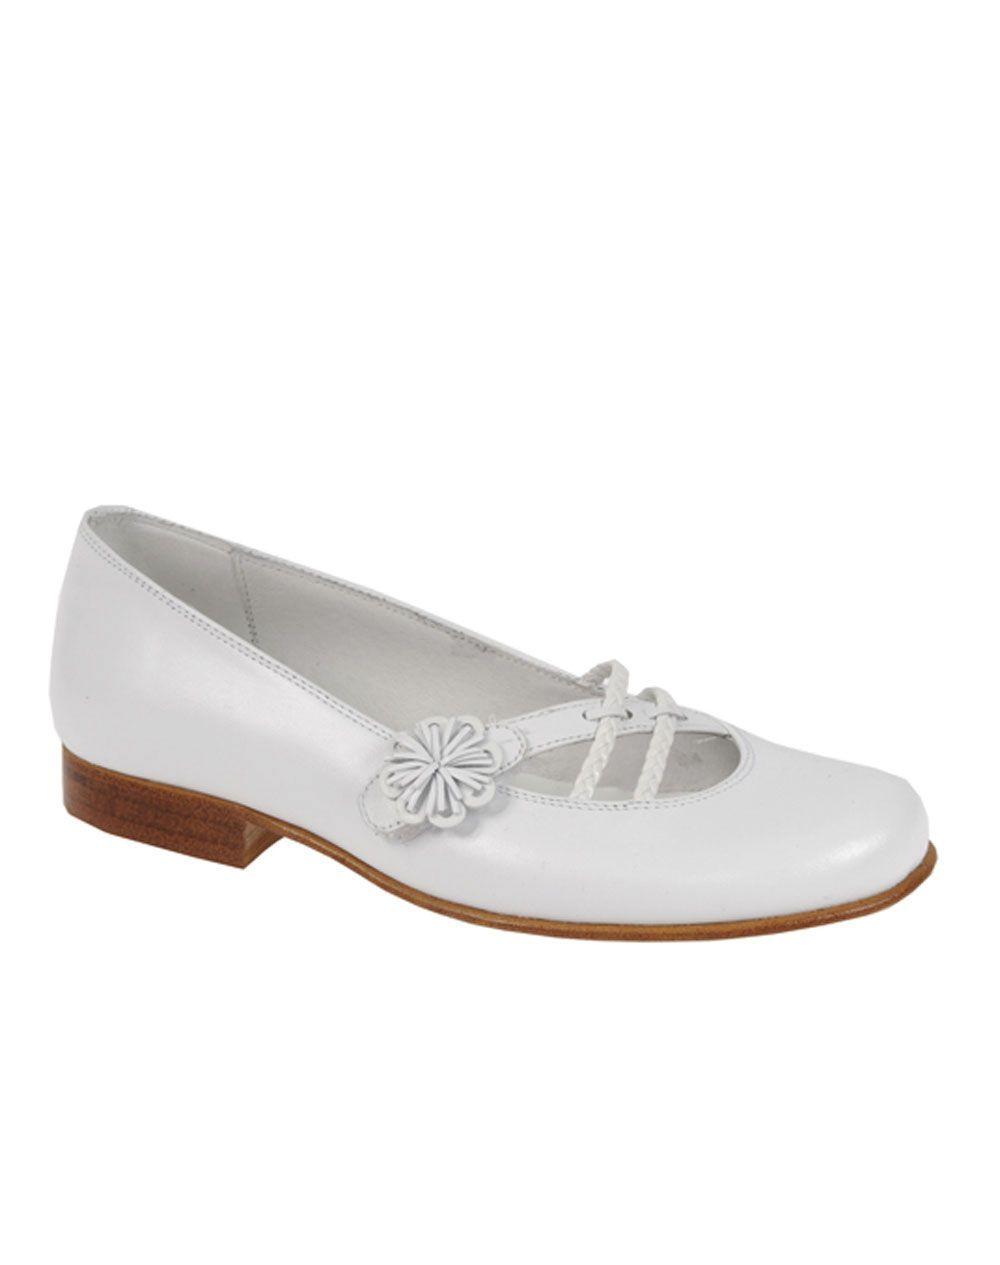 a443e62a48a Mercedita de niña Tizzas - Niña - Zapatos - El Corte Inglés - Moda ...